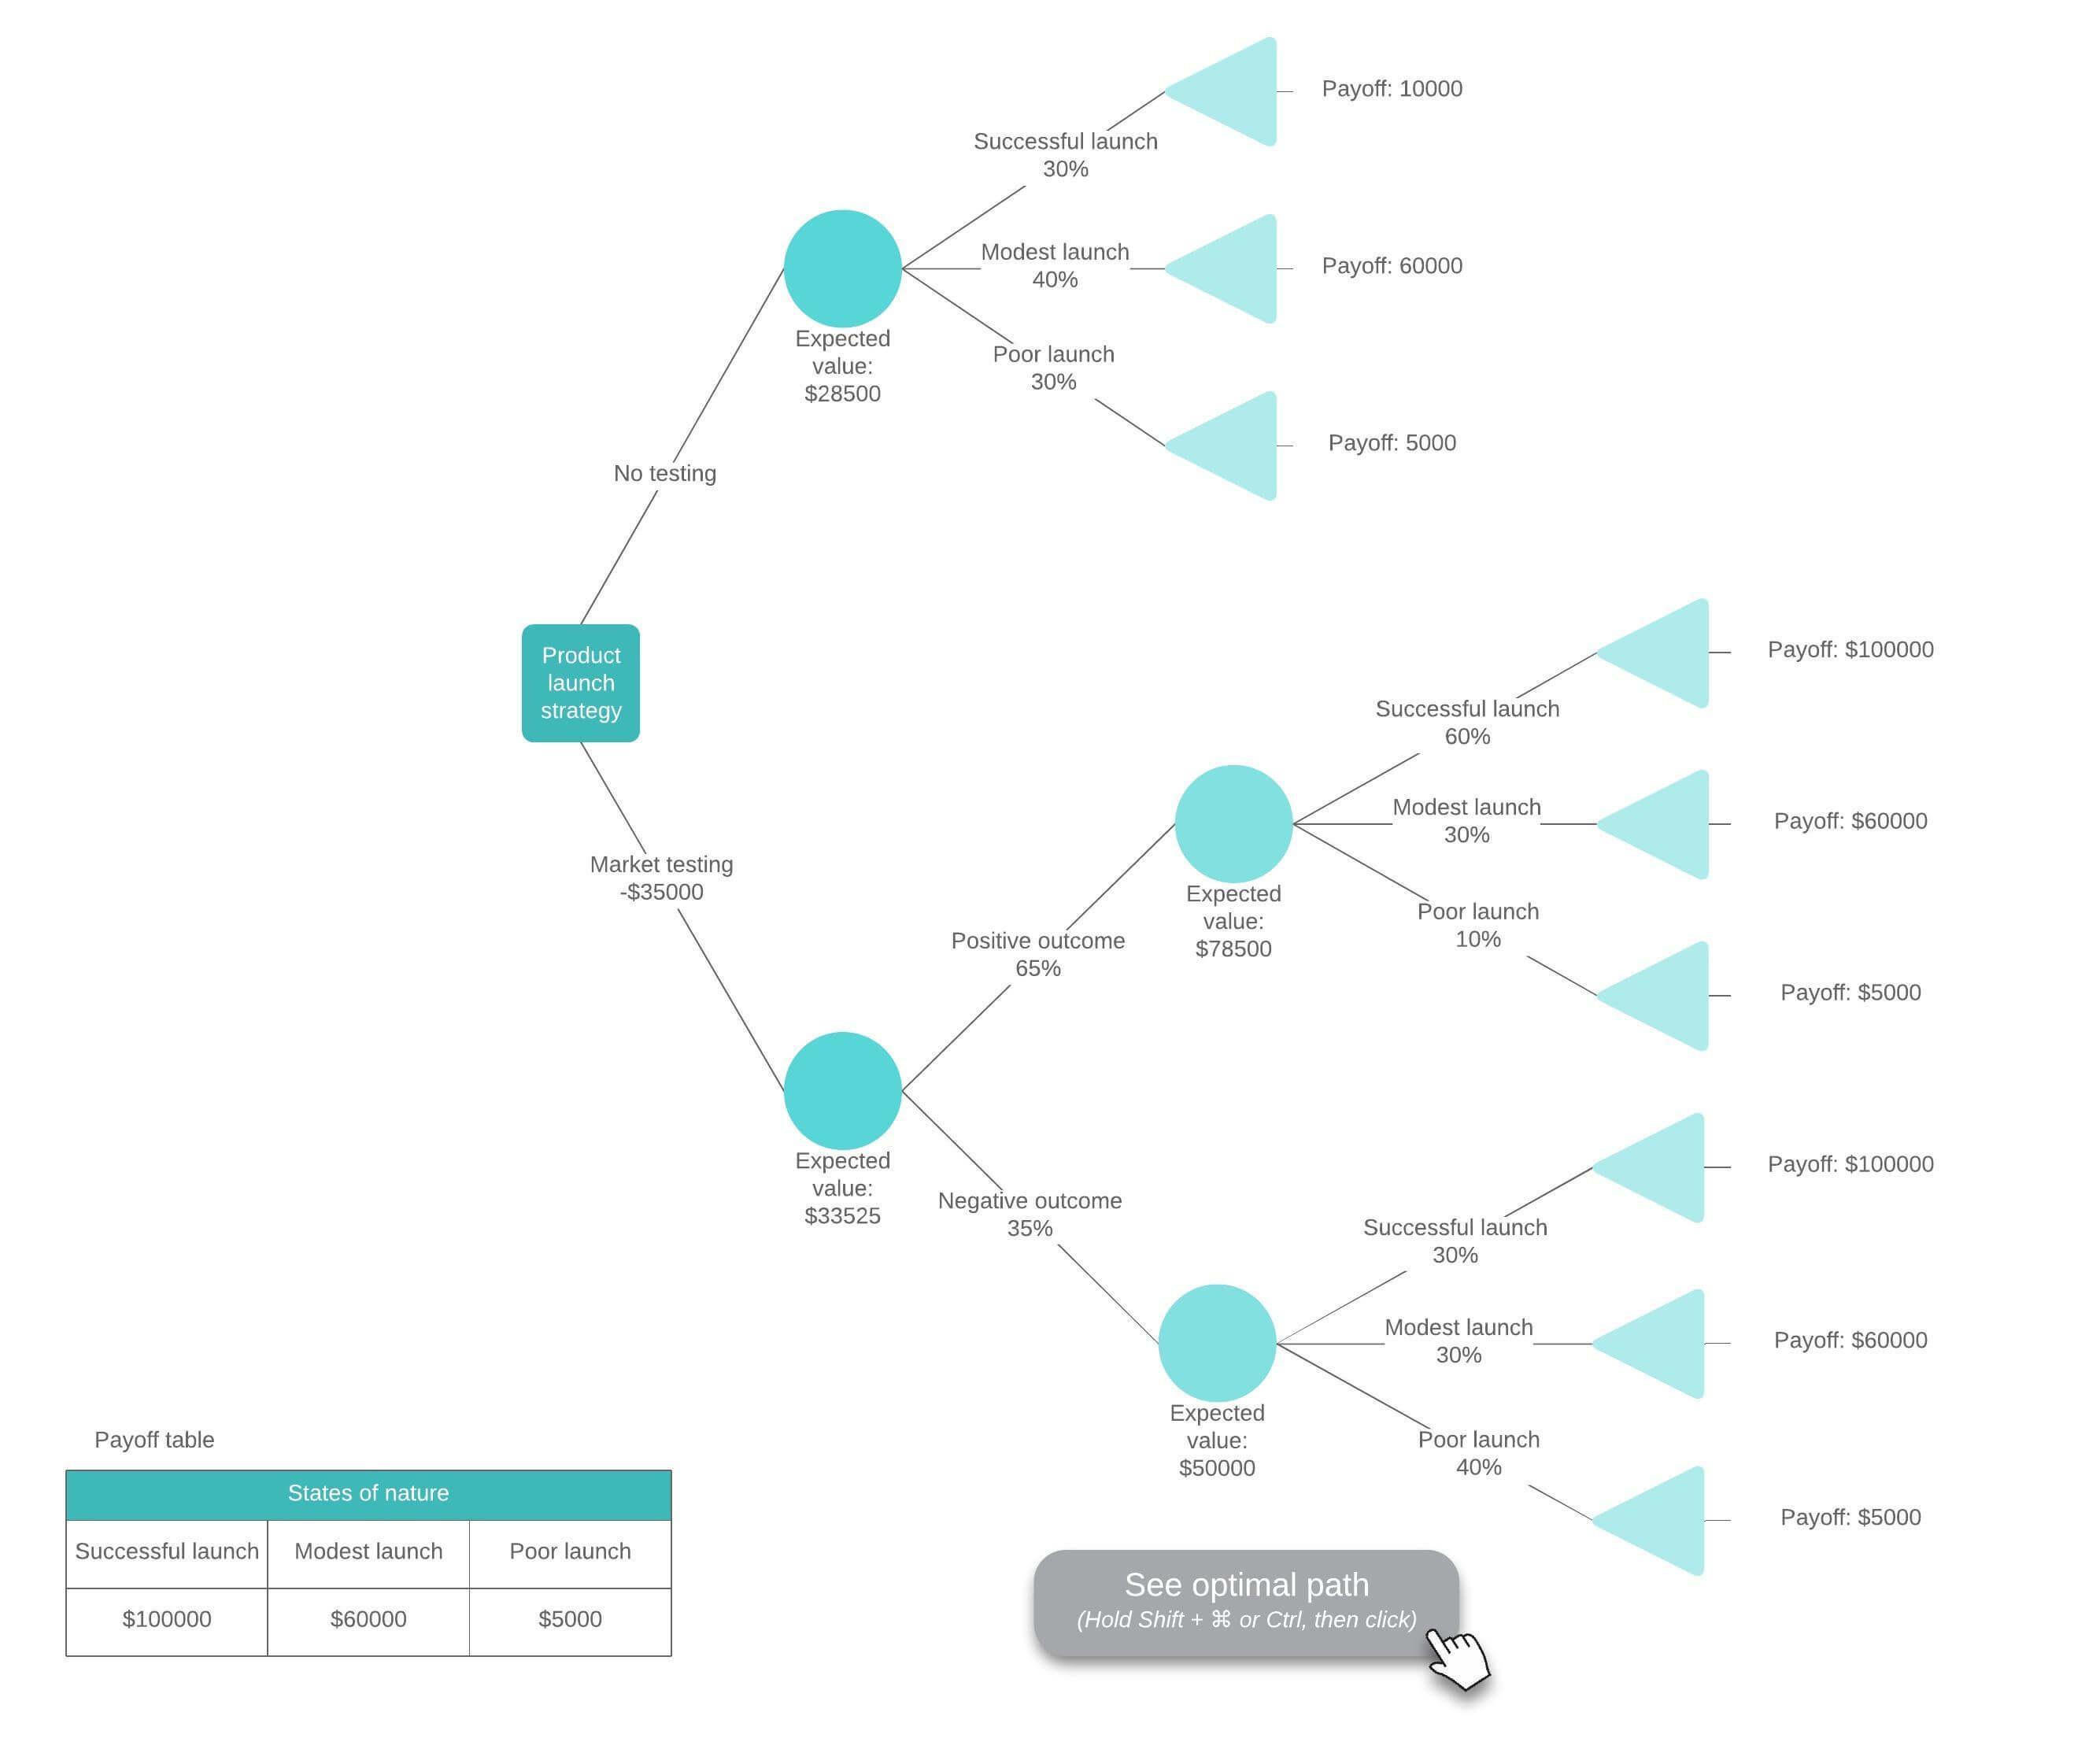 шаблон дерева решений с формулами